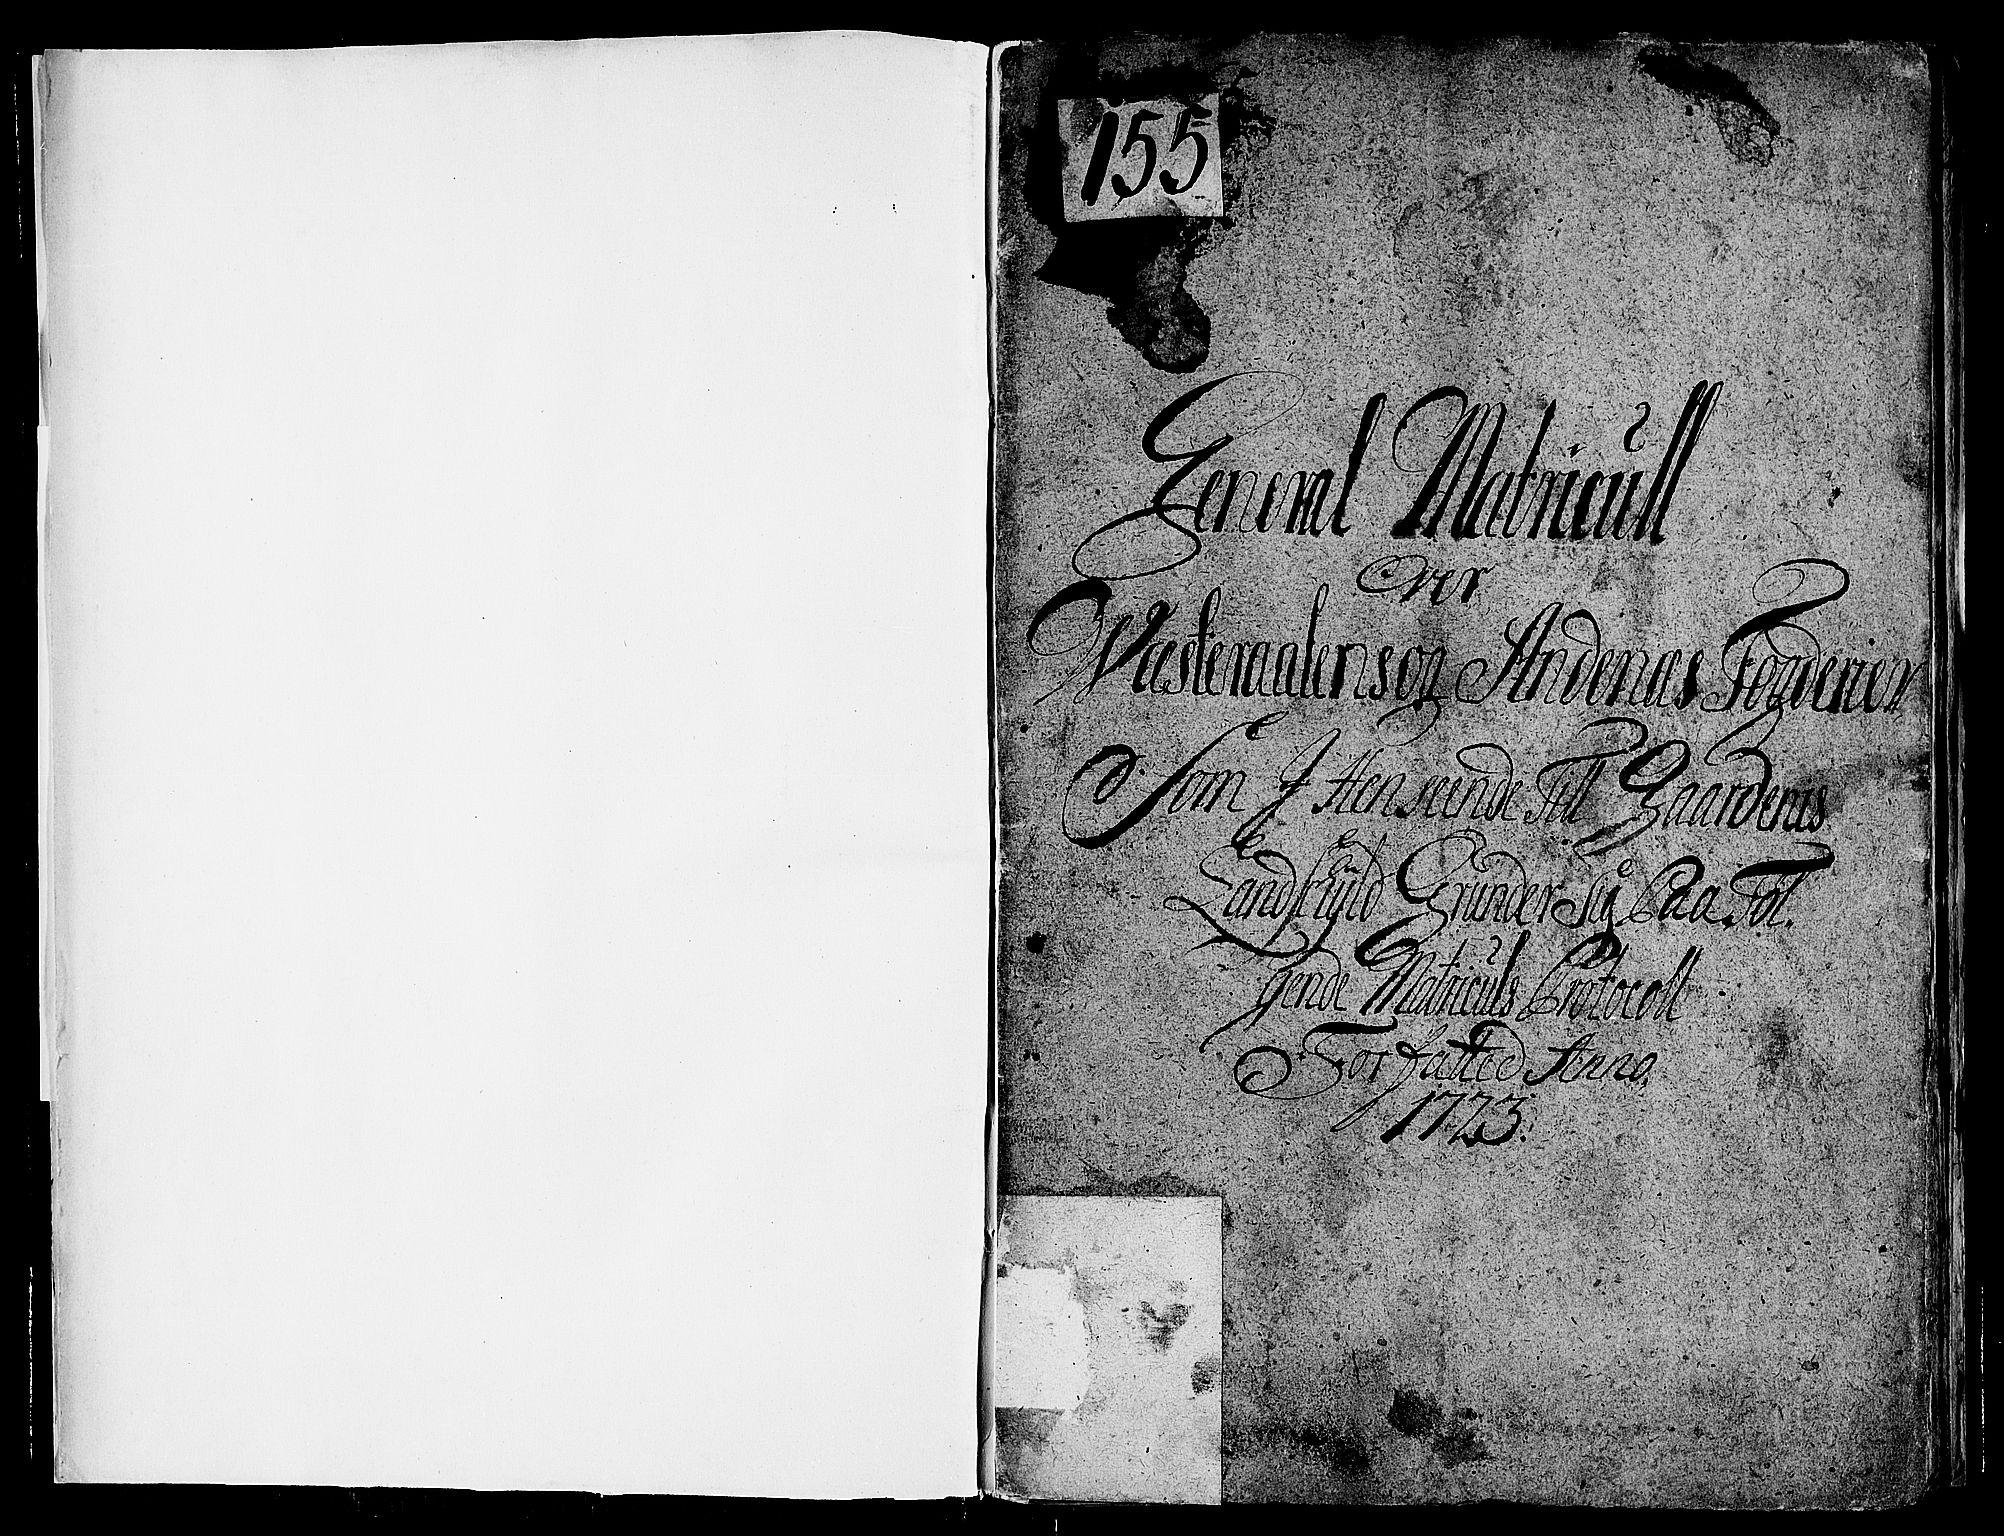 RA, Rentekammeret inntil 1814, Realistisk ordnet avdeling, N/Nb/Nbf/L0177: Vesterålen og Andenes matrikkelprotokoll, 1723, s. upaginert